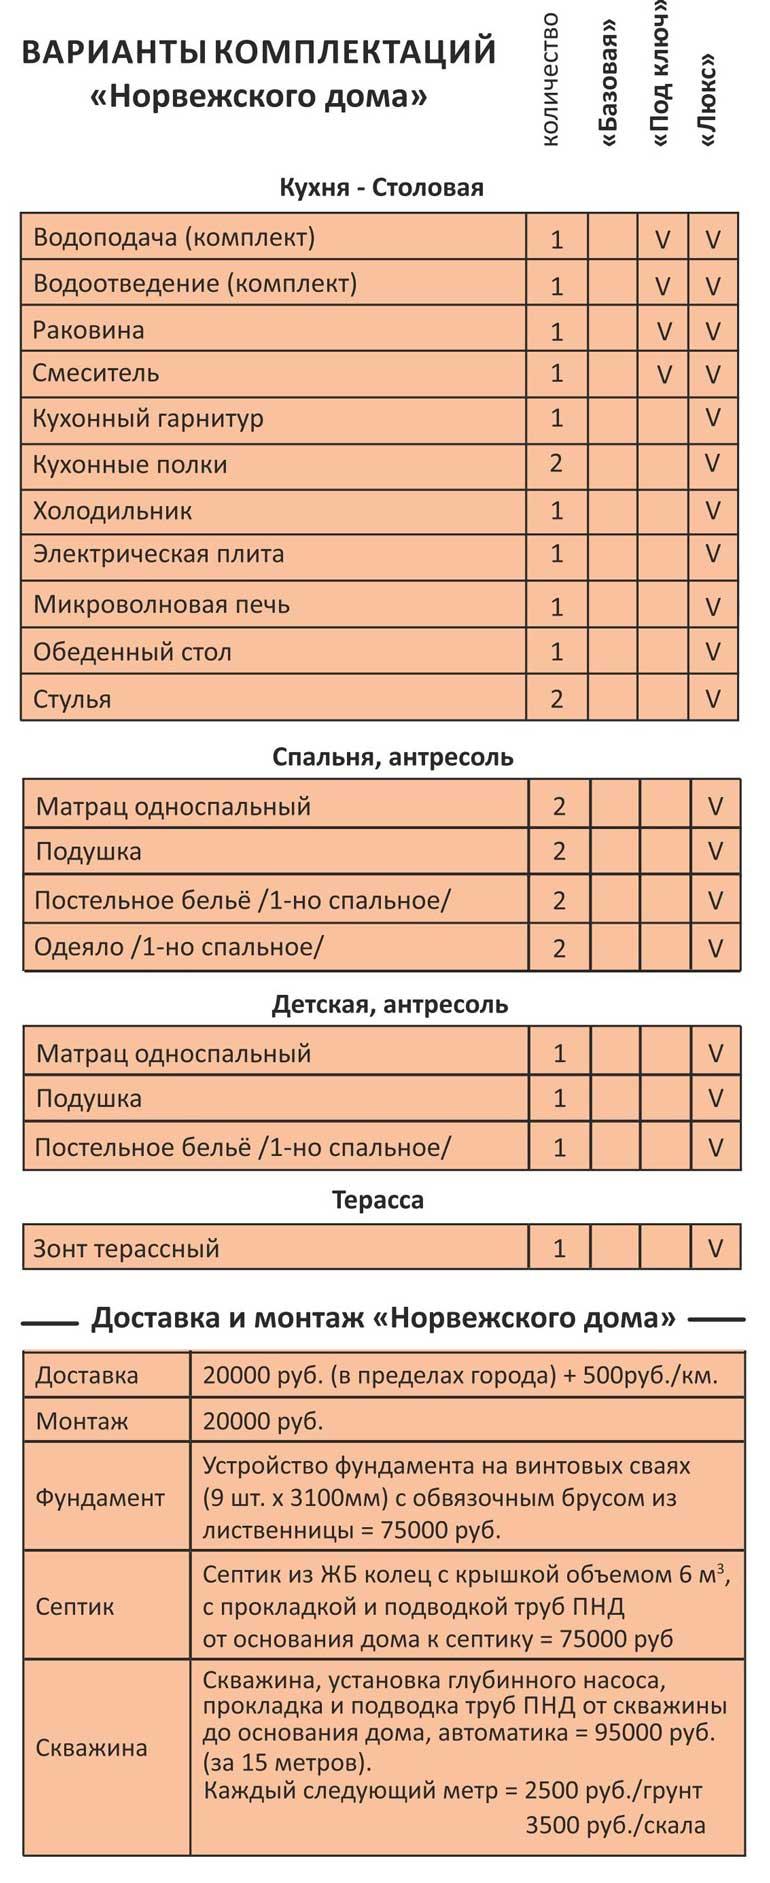 norvezhskiy-dom-banya-21-smart-kursk